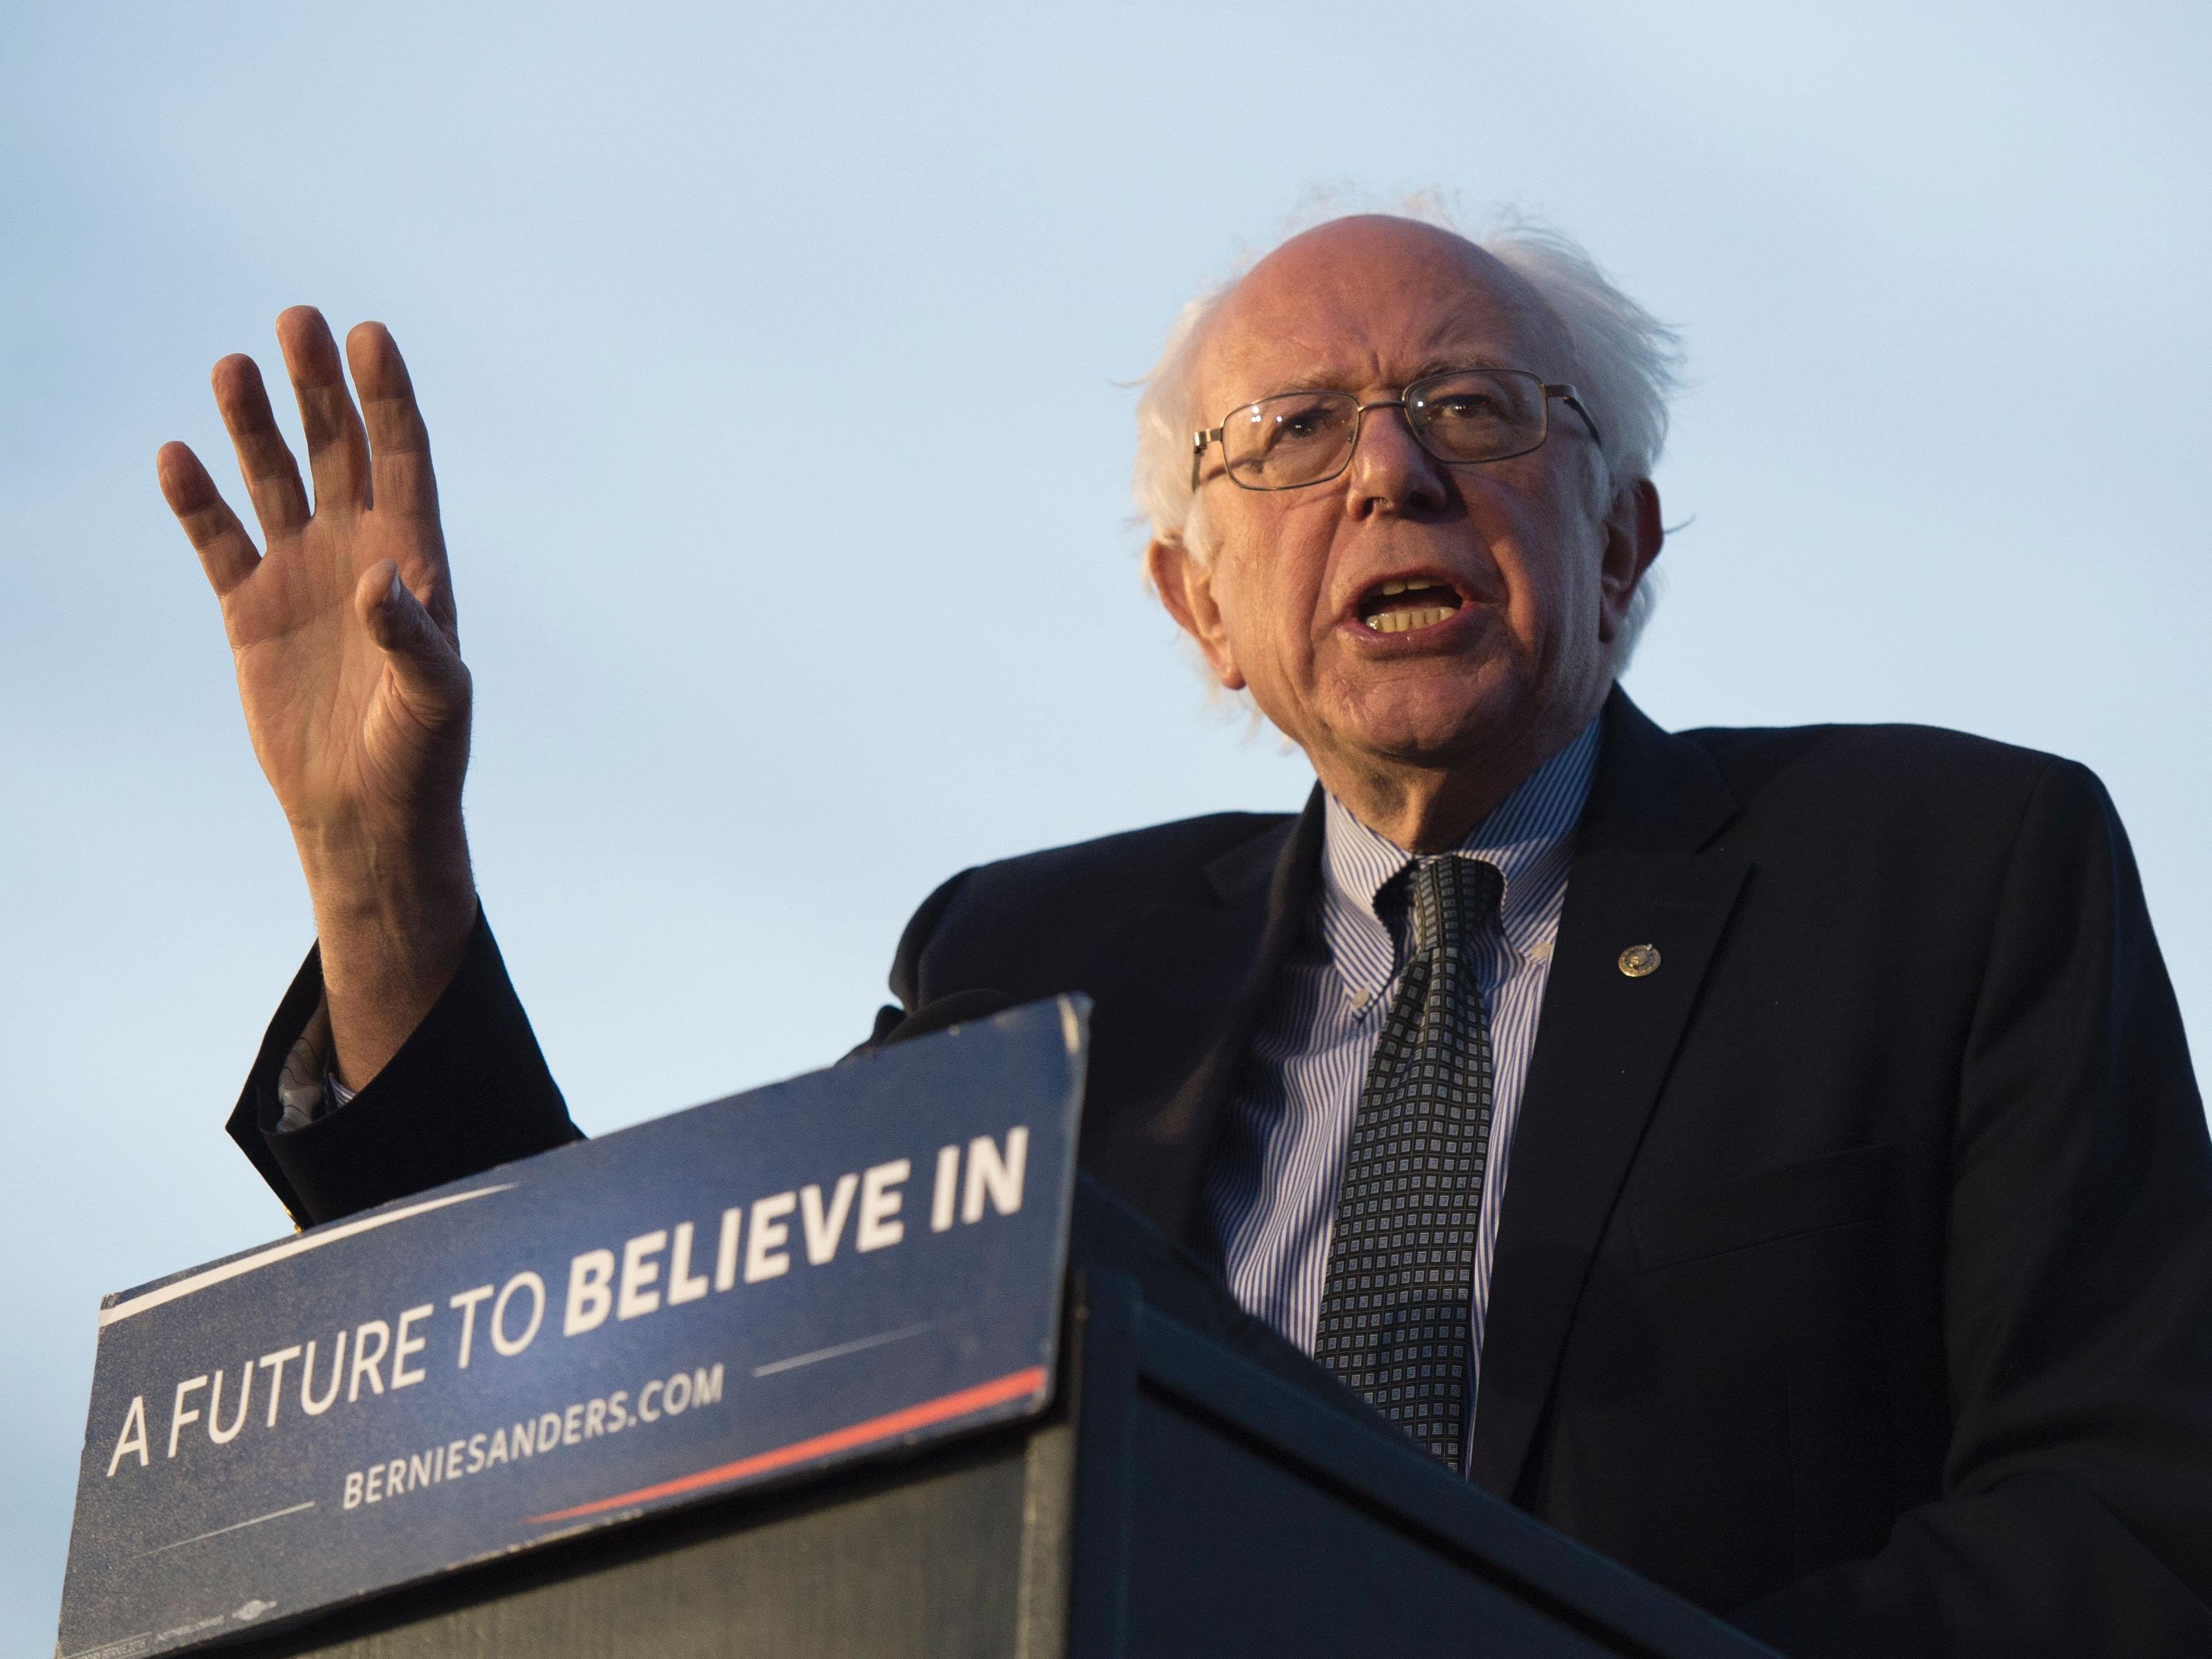 Sanders, der bei den letzten Vorwahlen eine Siegesserie hinlegte, müsste 68 Prozent der verbleibenden Delegiertenstimmen bei den Demokraten gewinnen, um die Nominierung der Partei zu bekommen.